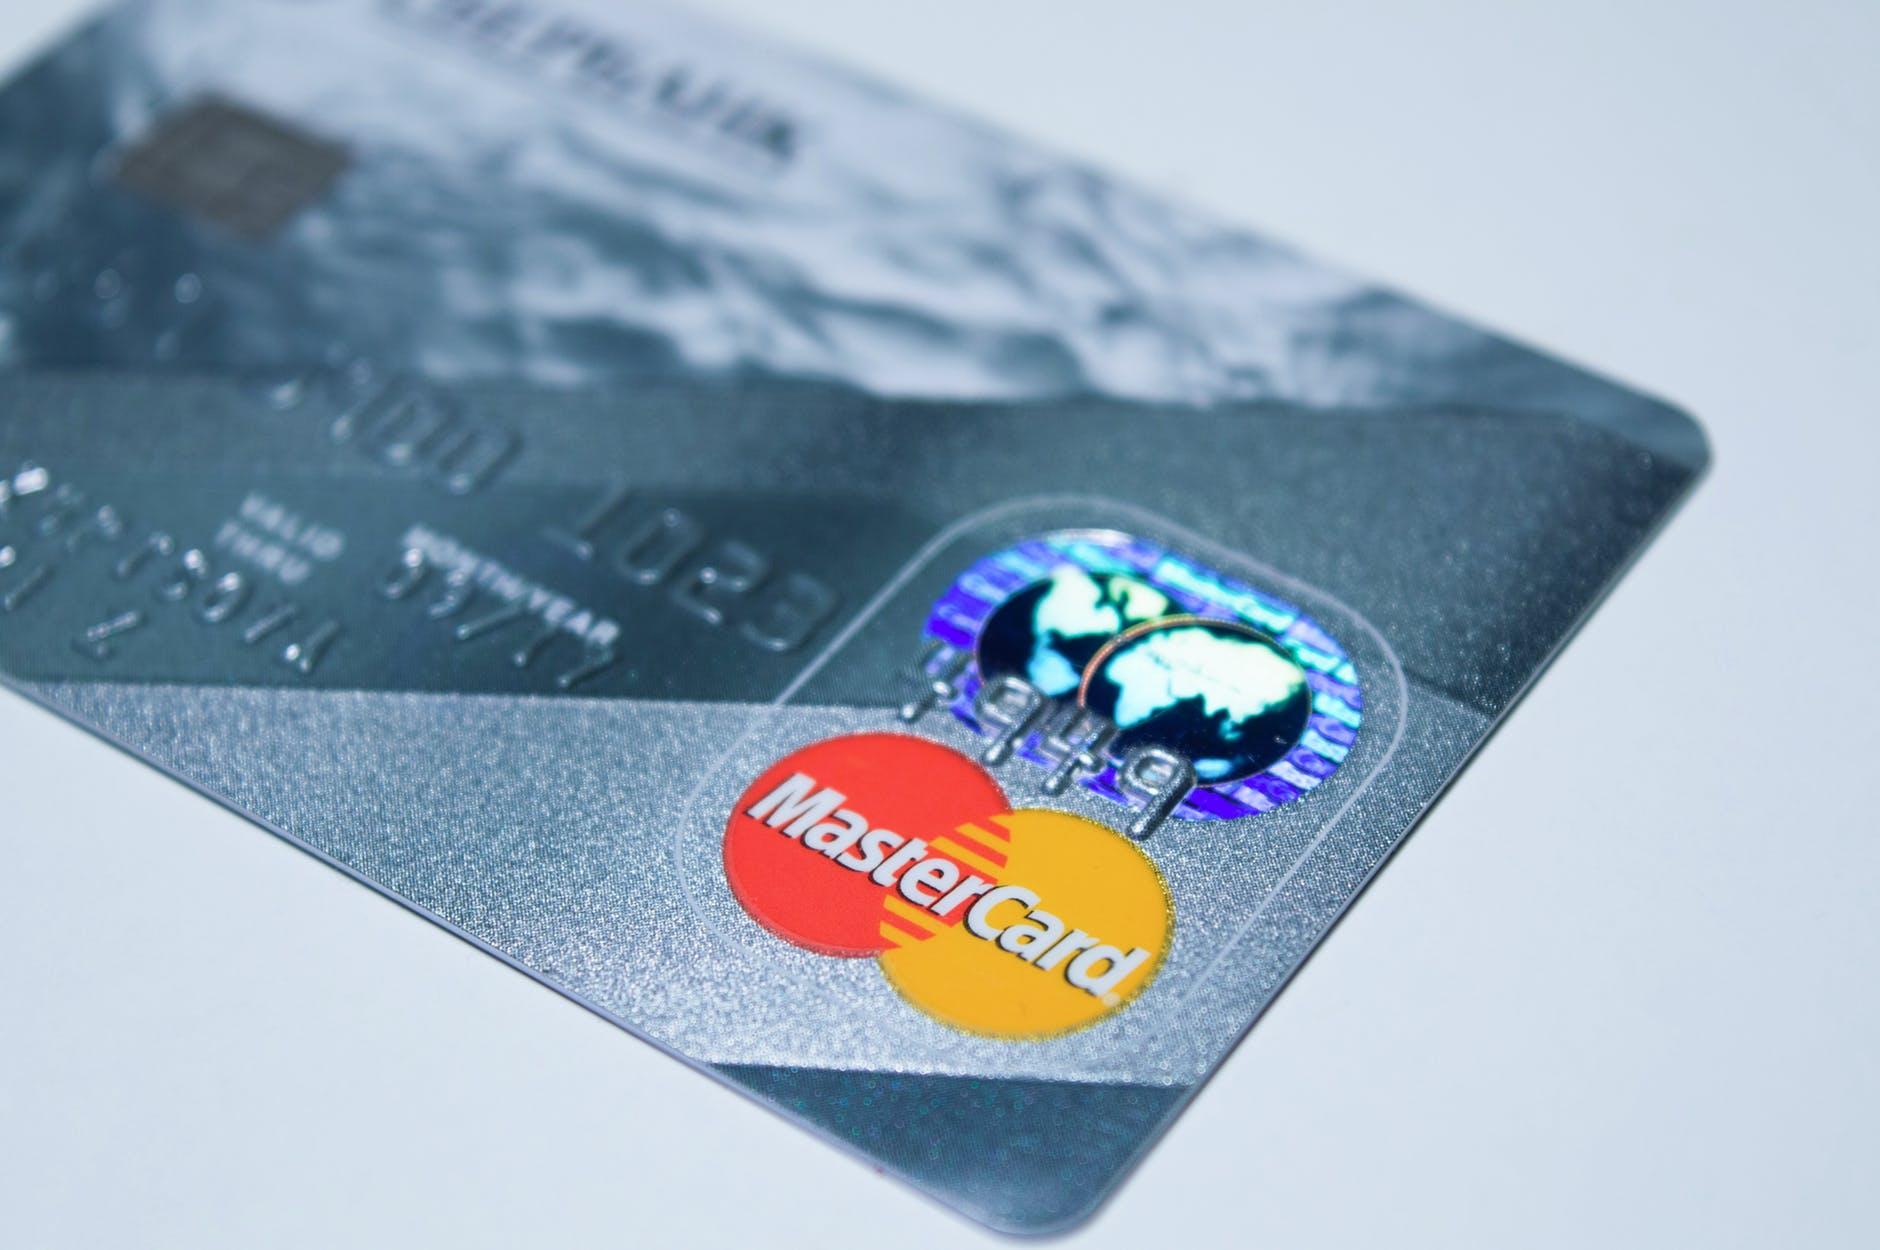 ¿Qué es una tarjeta prepago MasterCard?